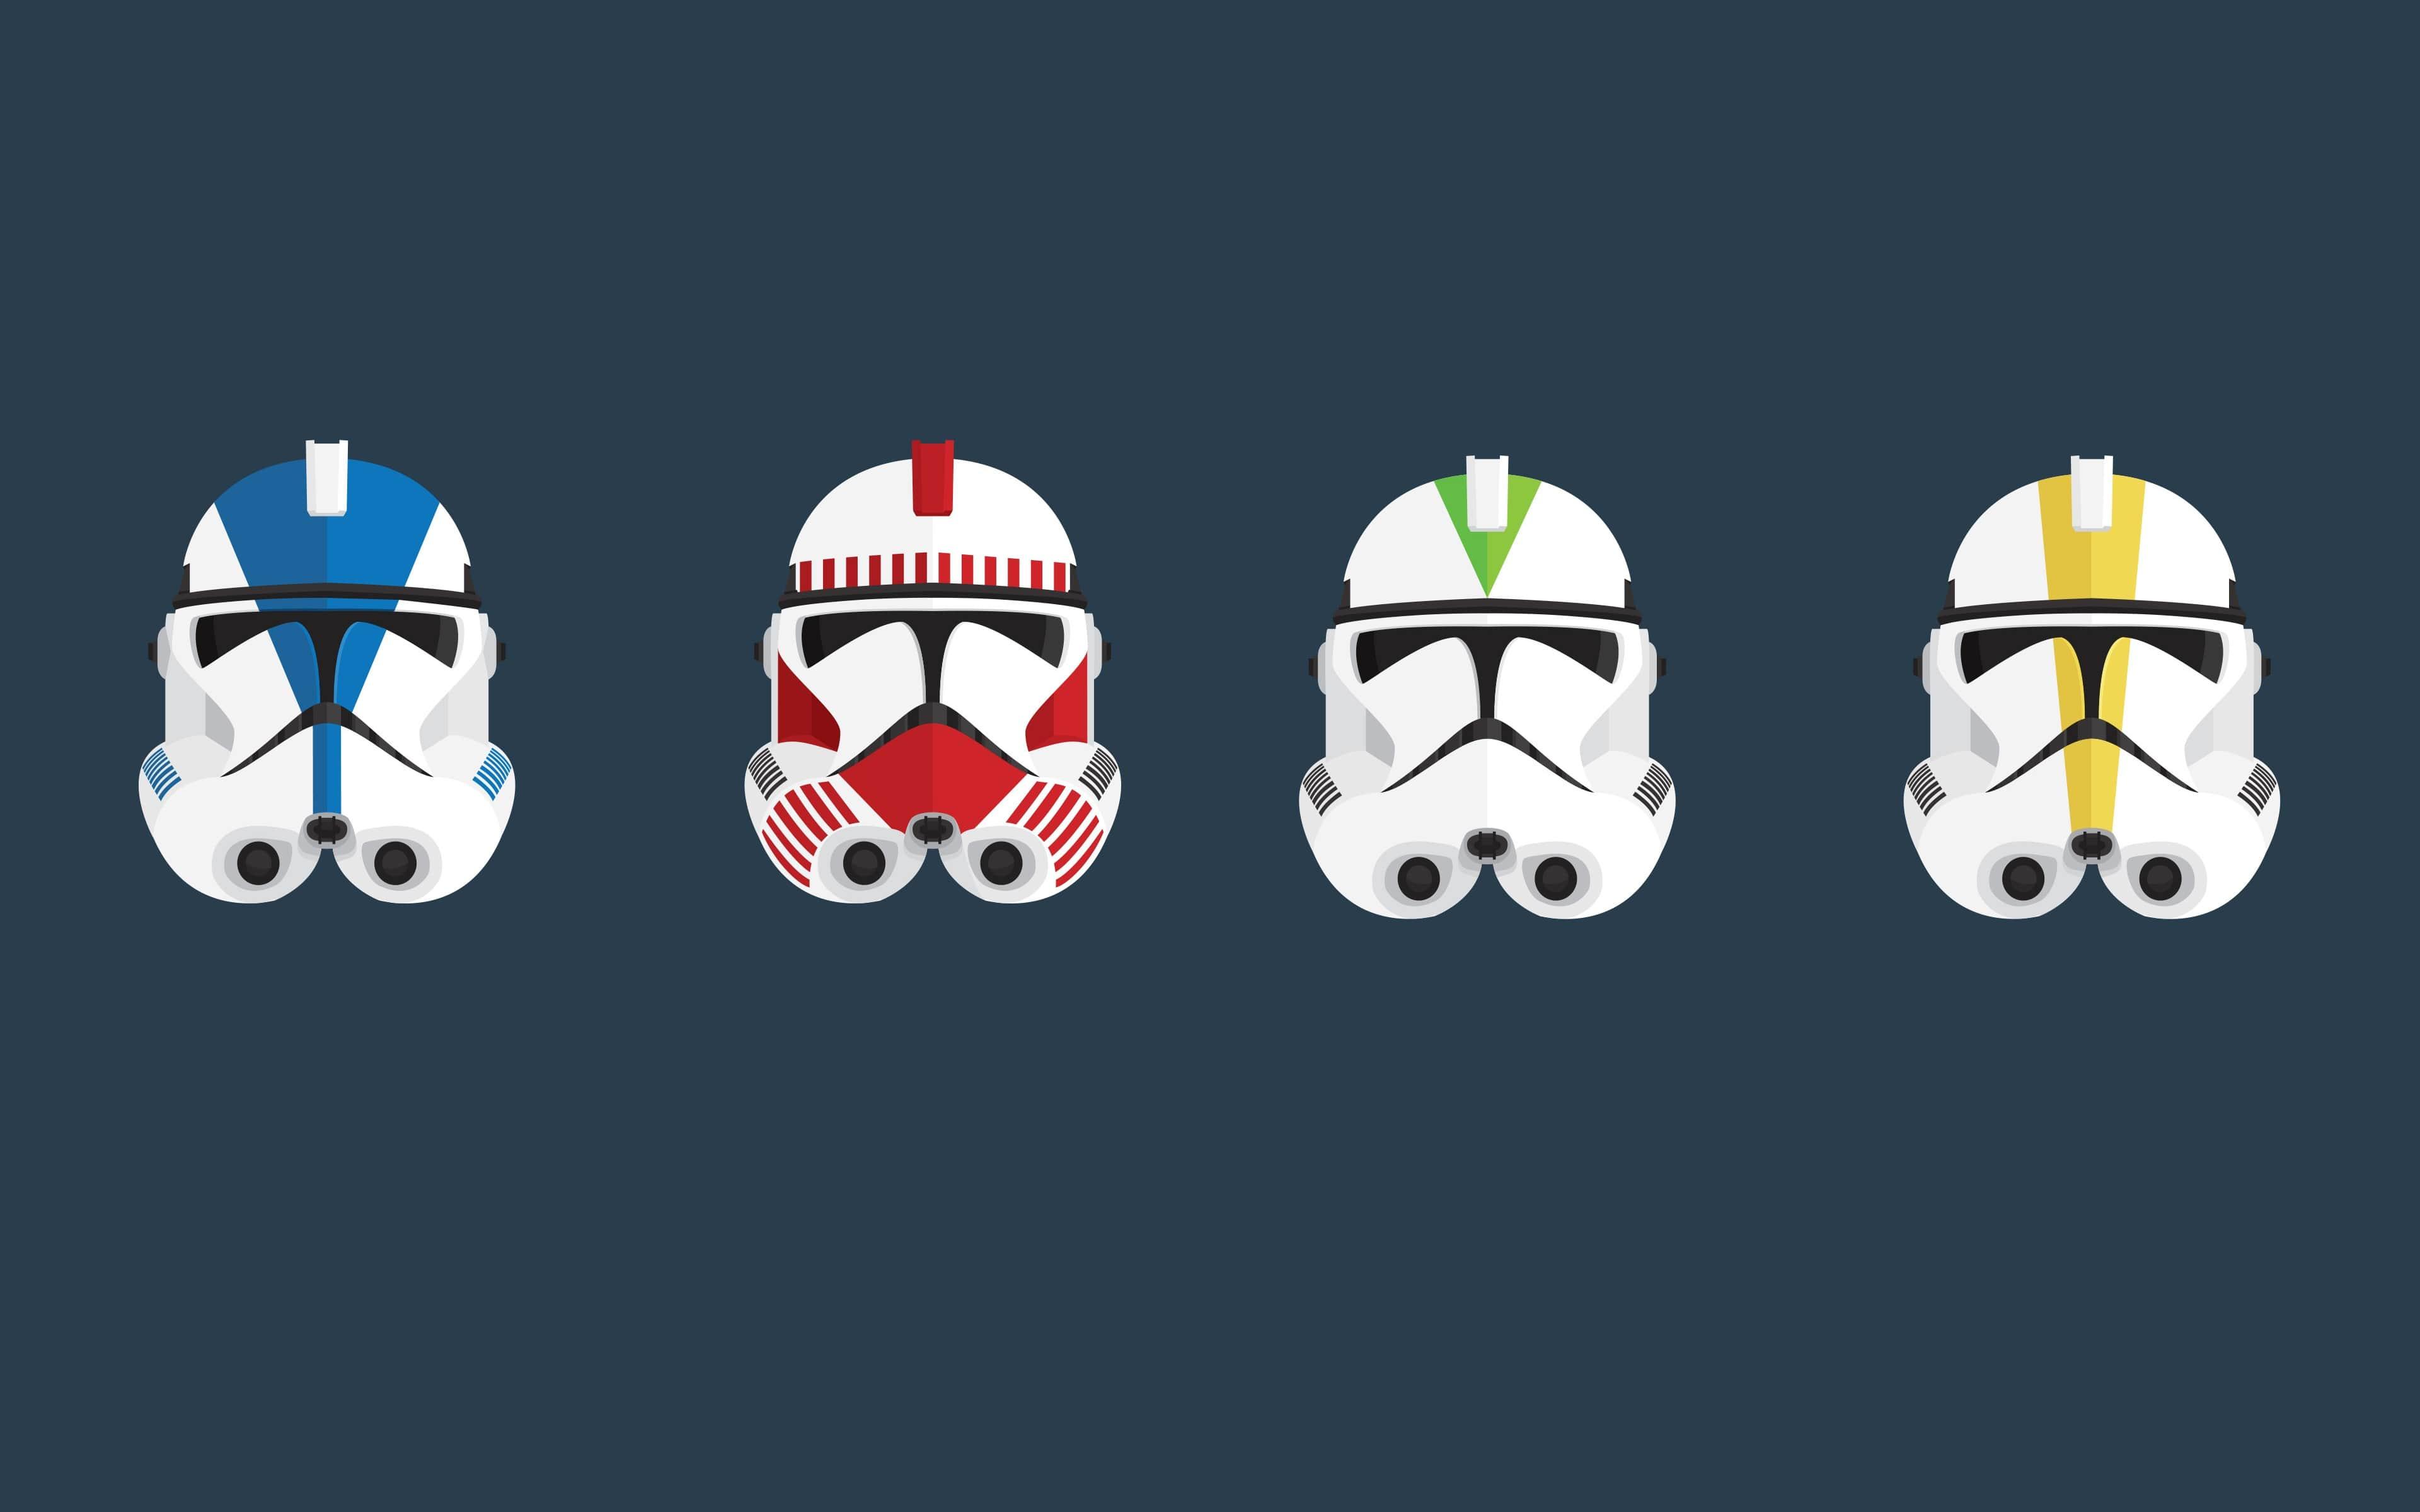 Star Wars Helmets Wallpaper Kolpaper Awesome Free Hd Wallpapers